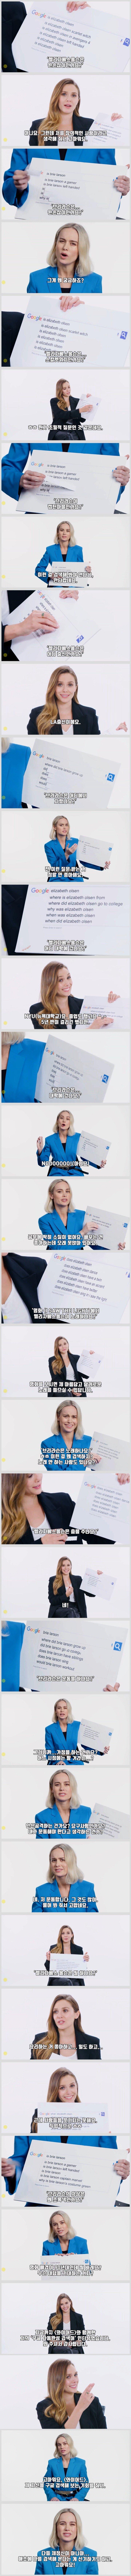 극명한 인터뷰 차이